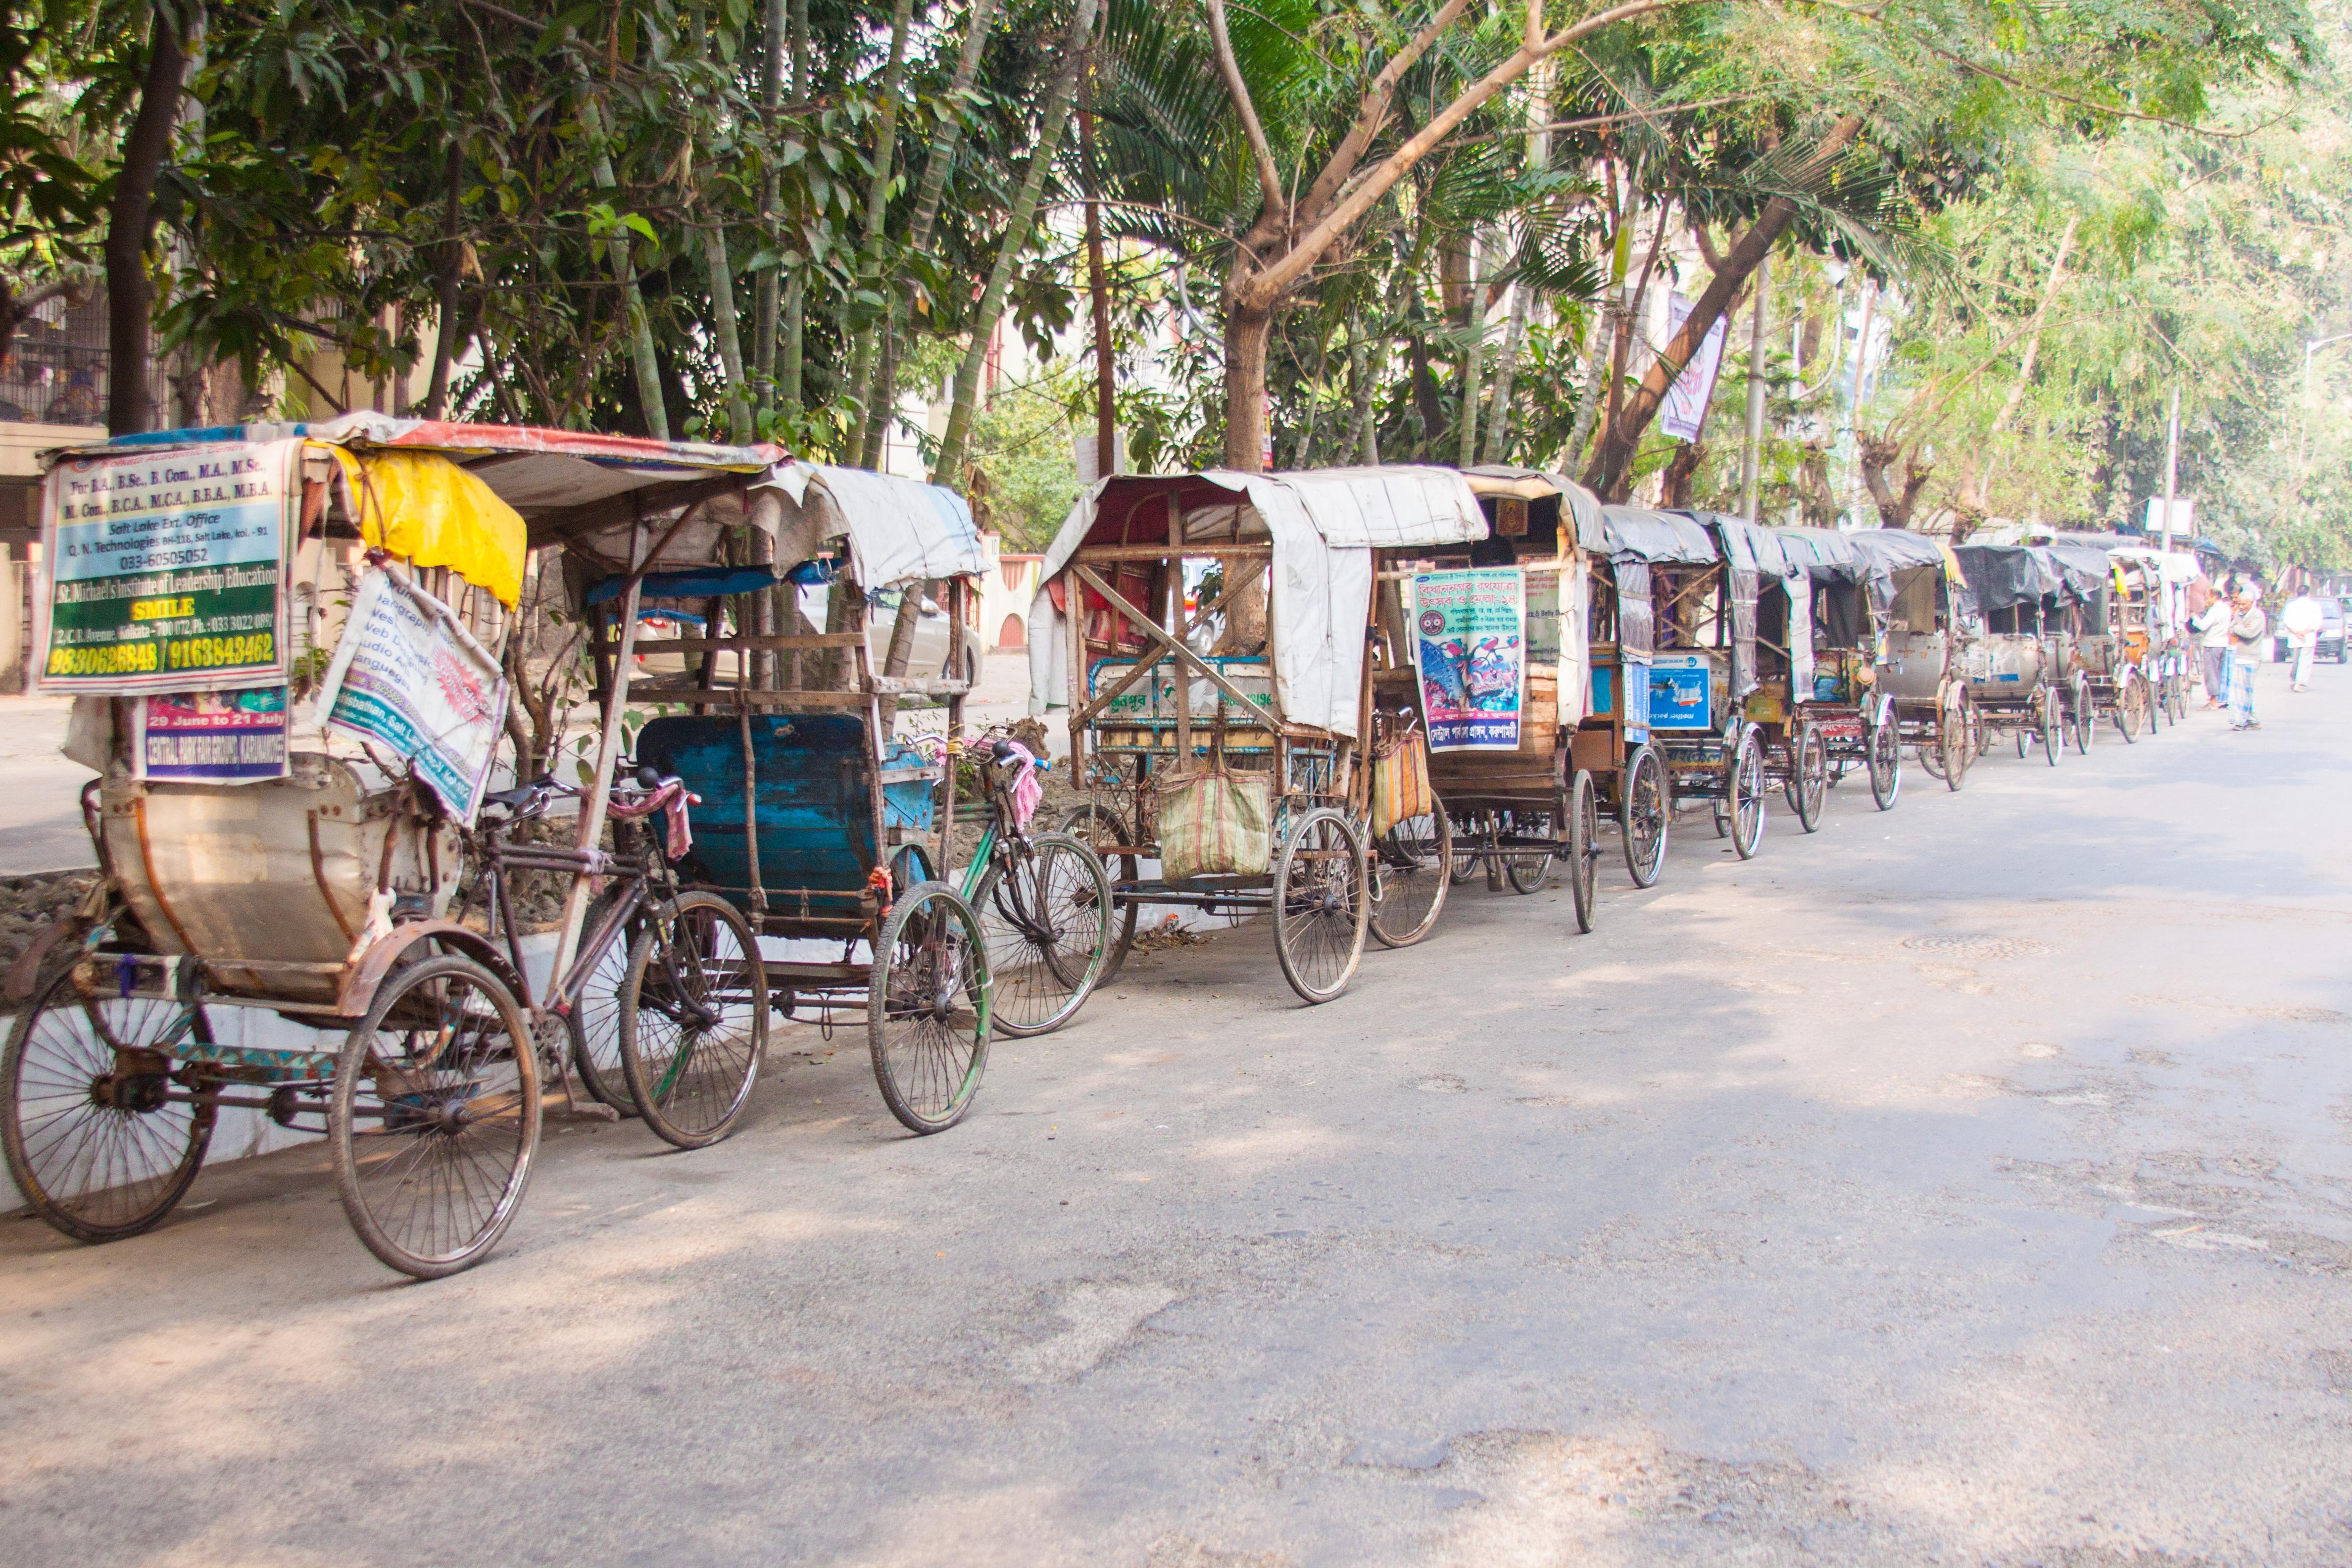 Un paseo en rickshaw - India Gran Viaje India Mística